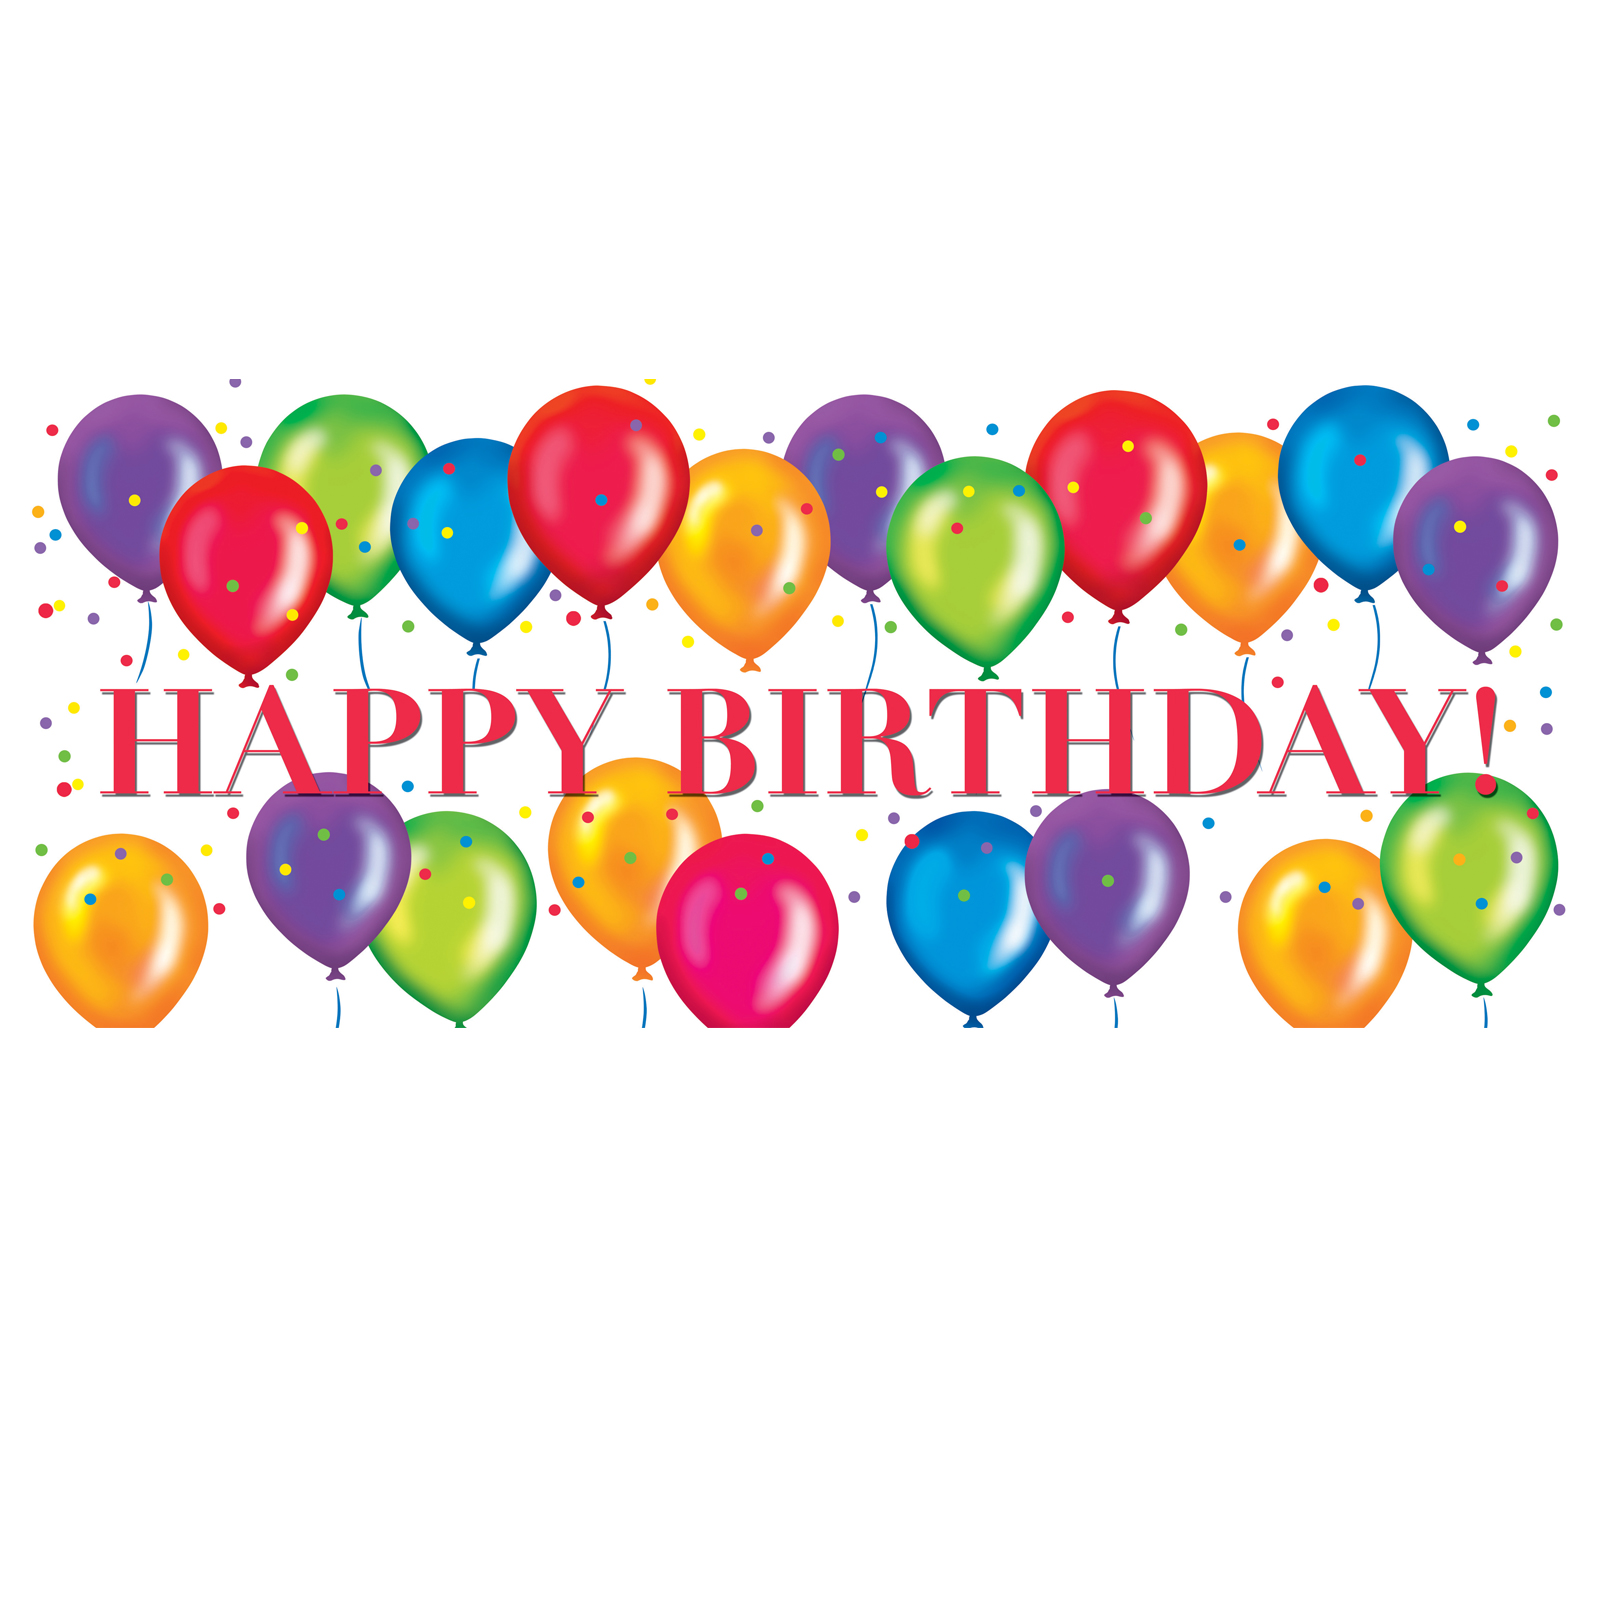 Happy birthday clipart free - ClipartFes-Happy birthday clipart free - ClipartFest-1